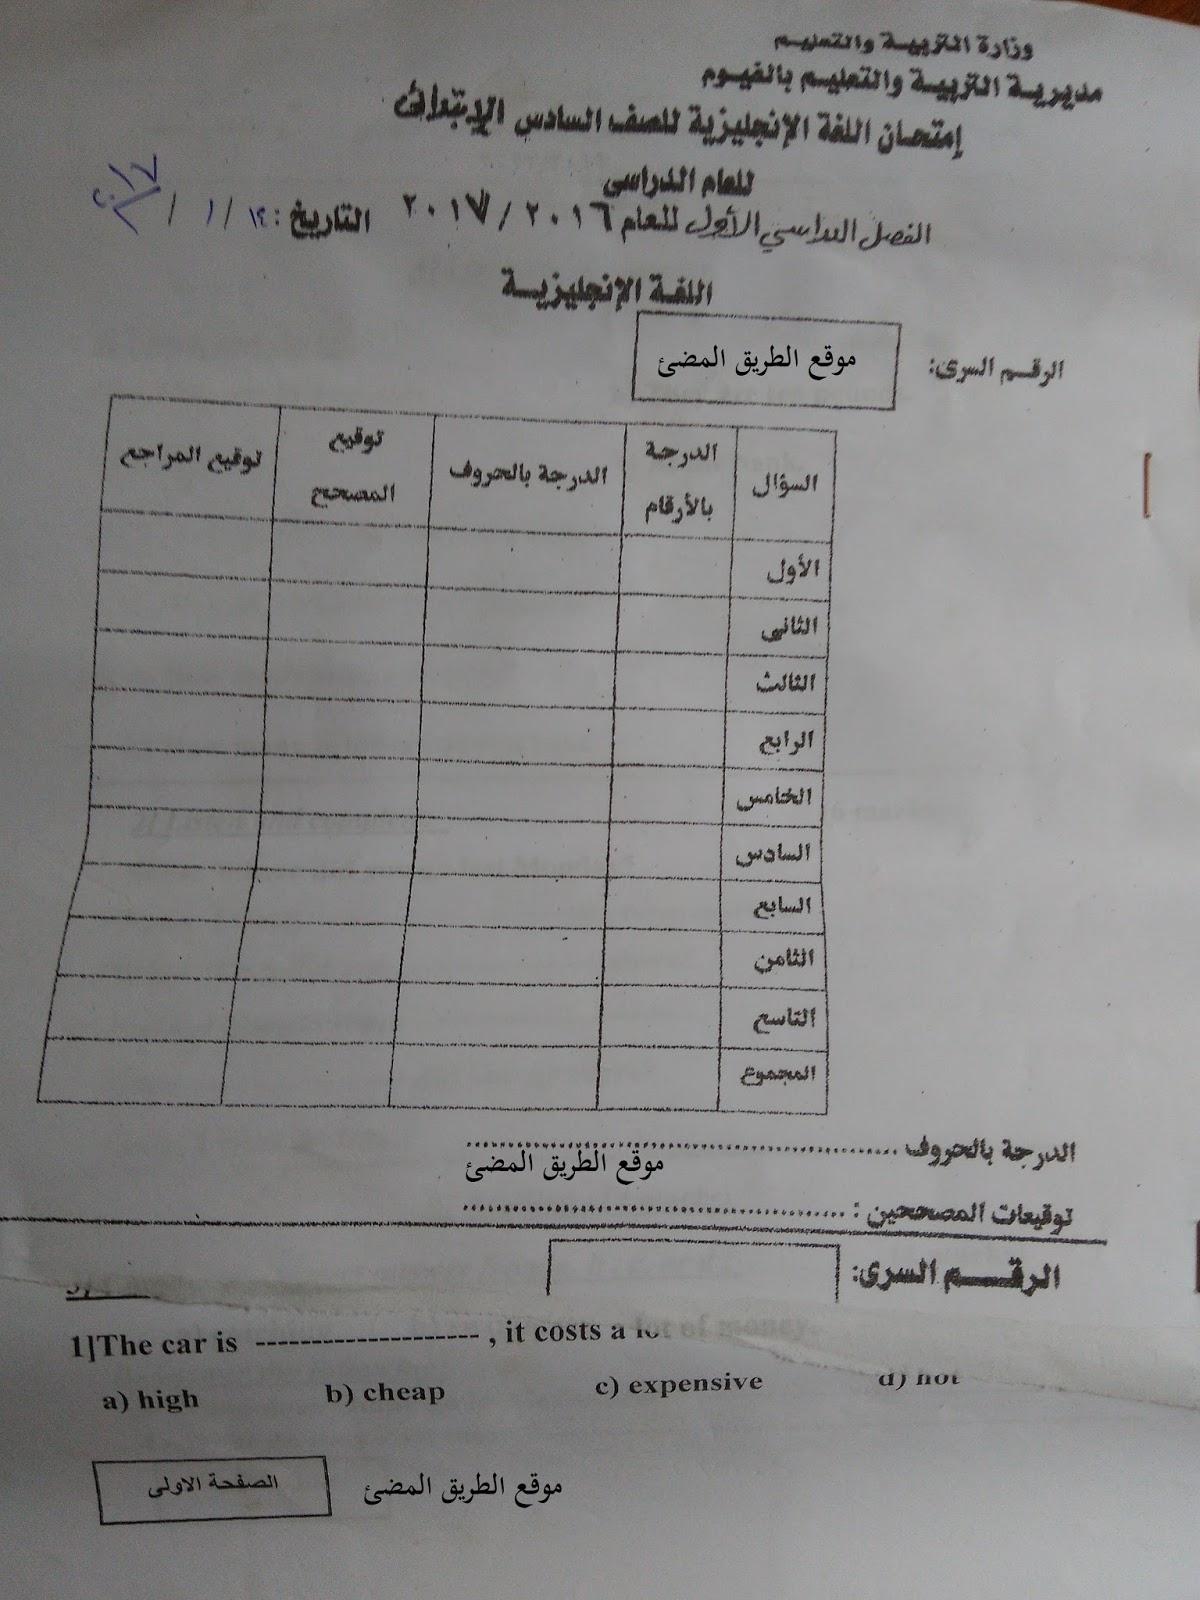 حمل اختبار نصف العام الرسمى فى اللغة الإنجليزية الصف السادس الابتدائي محافظة الفيوم